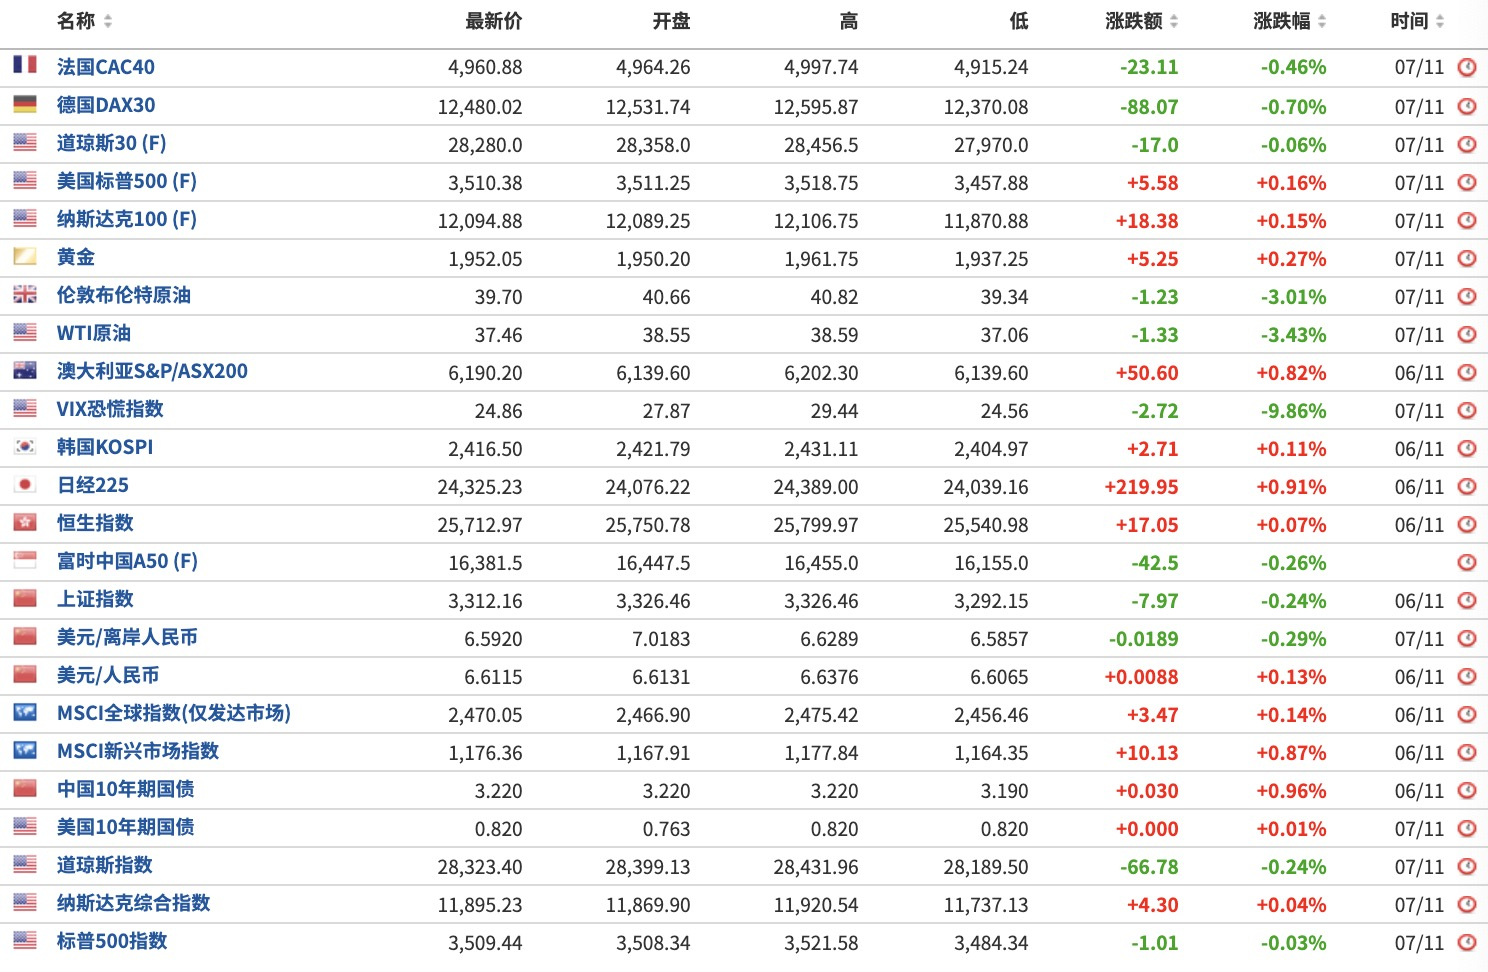 拜登胜选 全球金融市场影响全解析